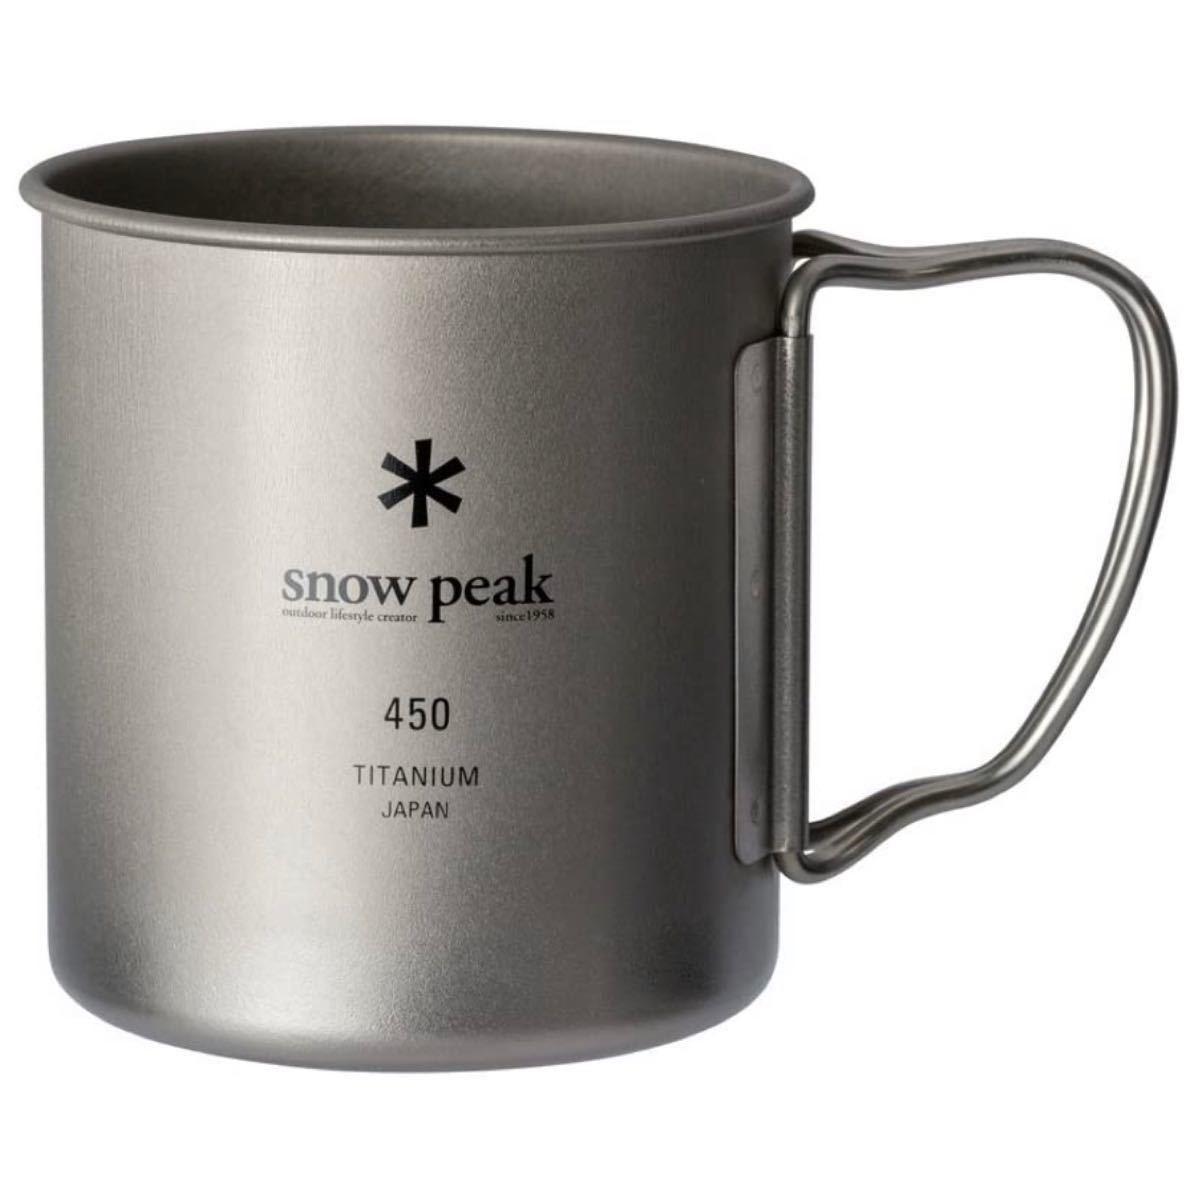 スノーピーク チタンマグカップ 450ml 新品未使用品